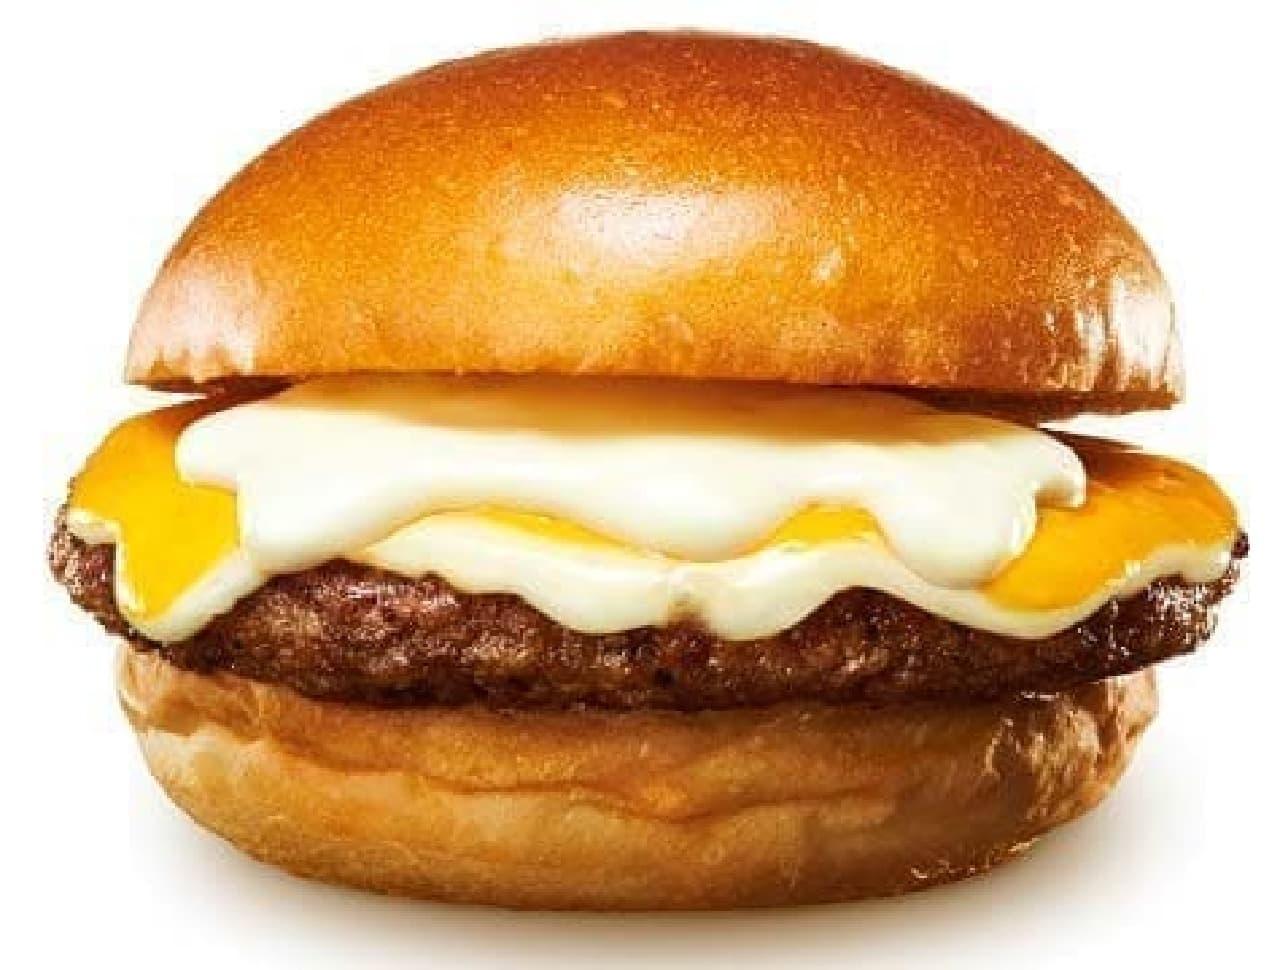 ロッテリア「チーズチーズチーズのごちそうワイド絶品チーズバーガー」